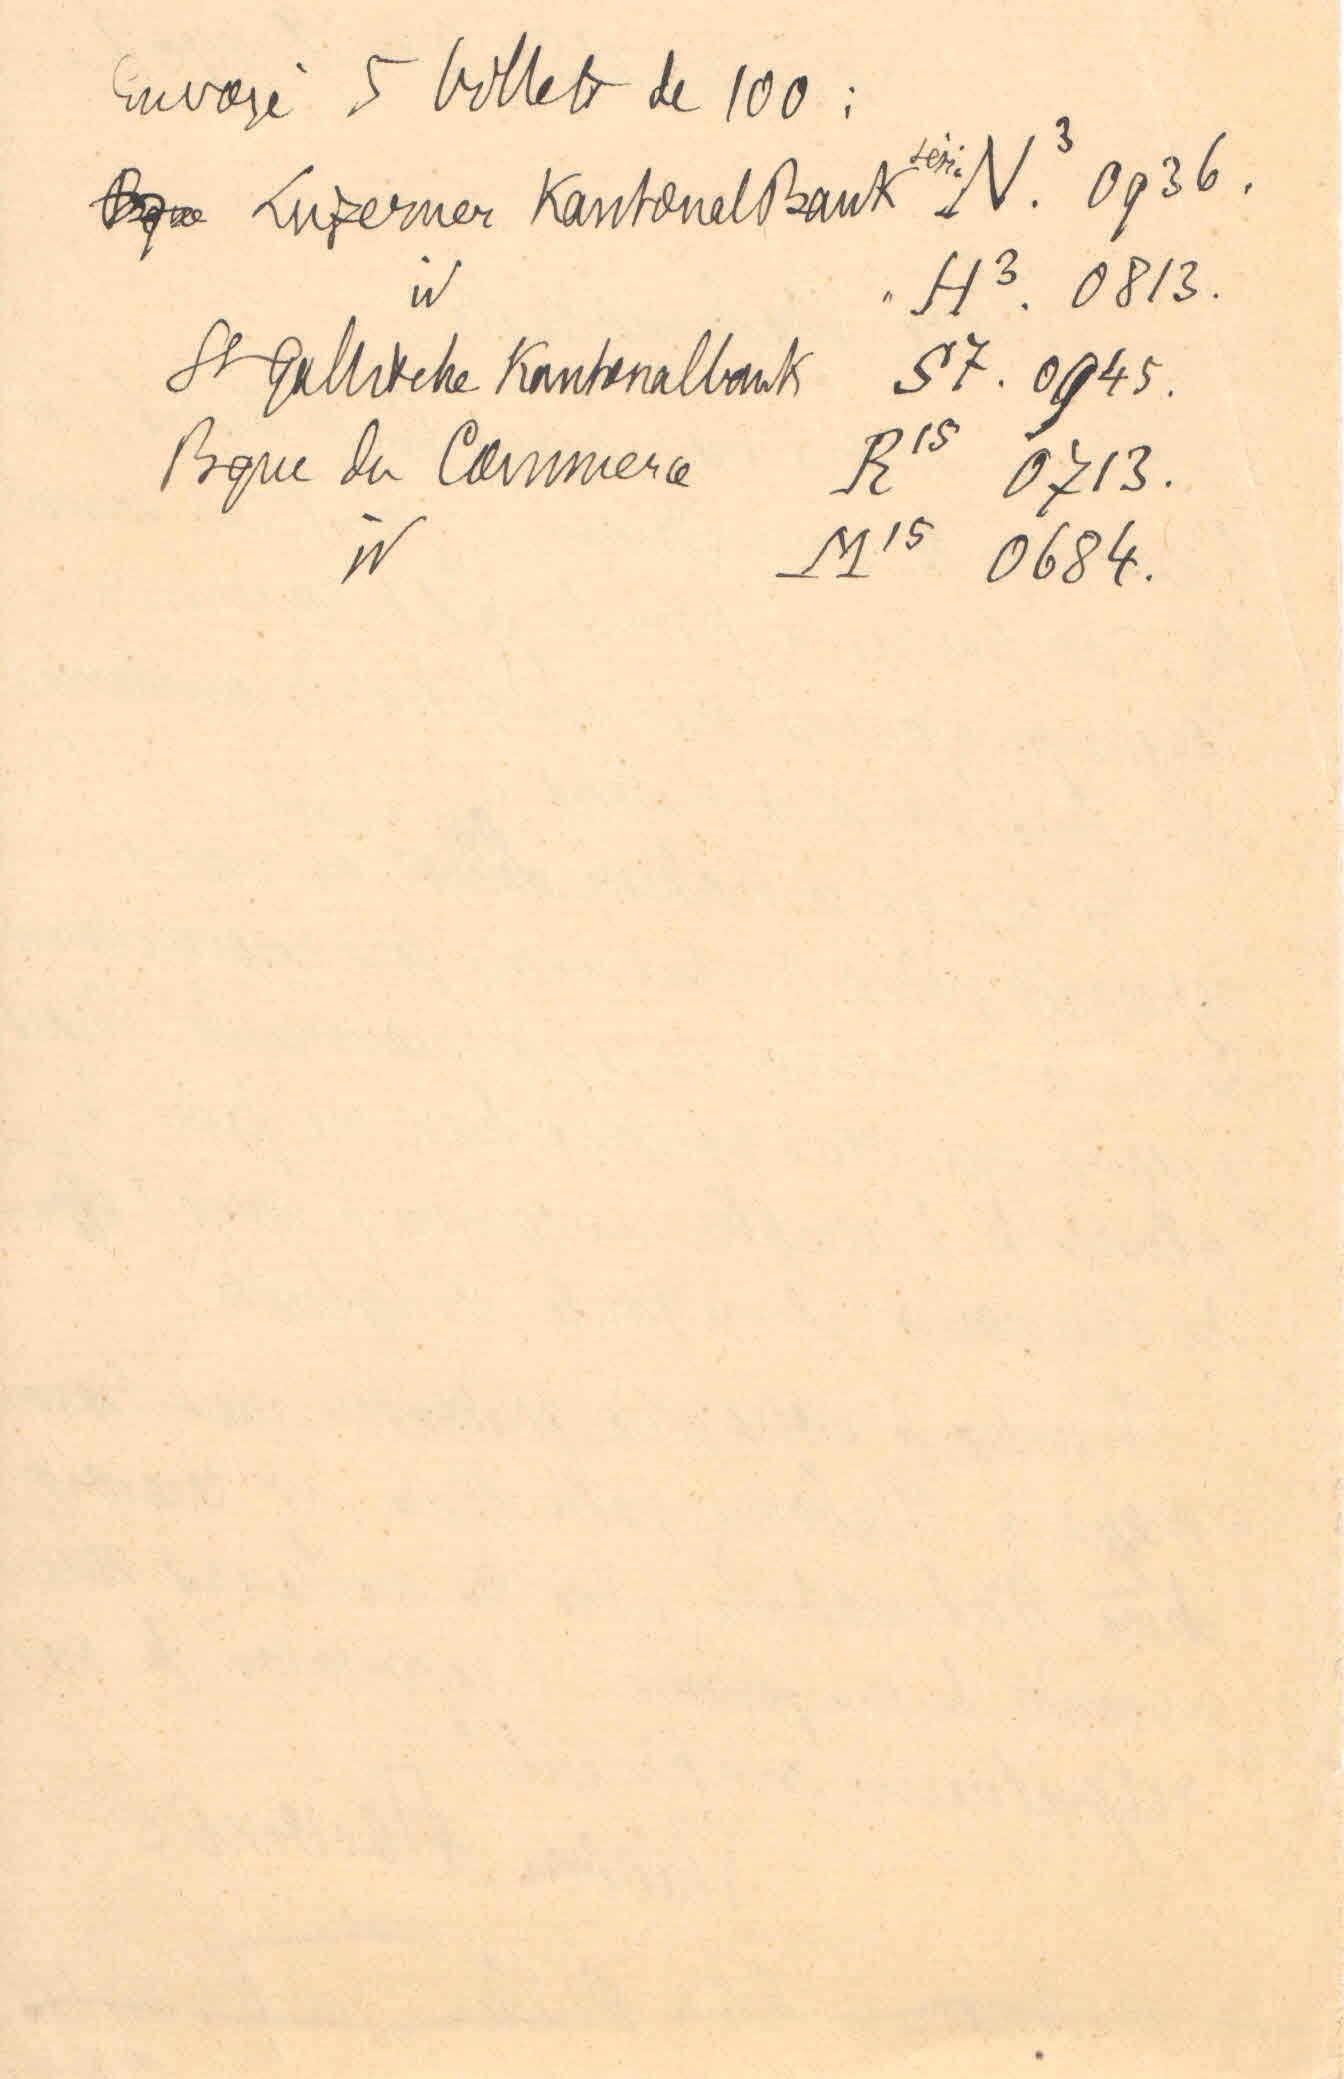 Théodore à Elise, le 25 avril 1902